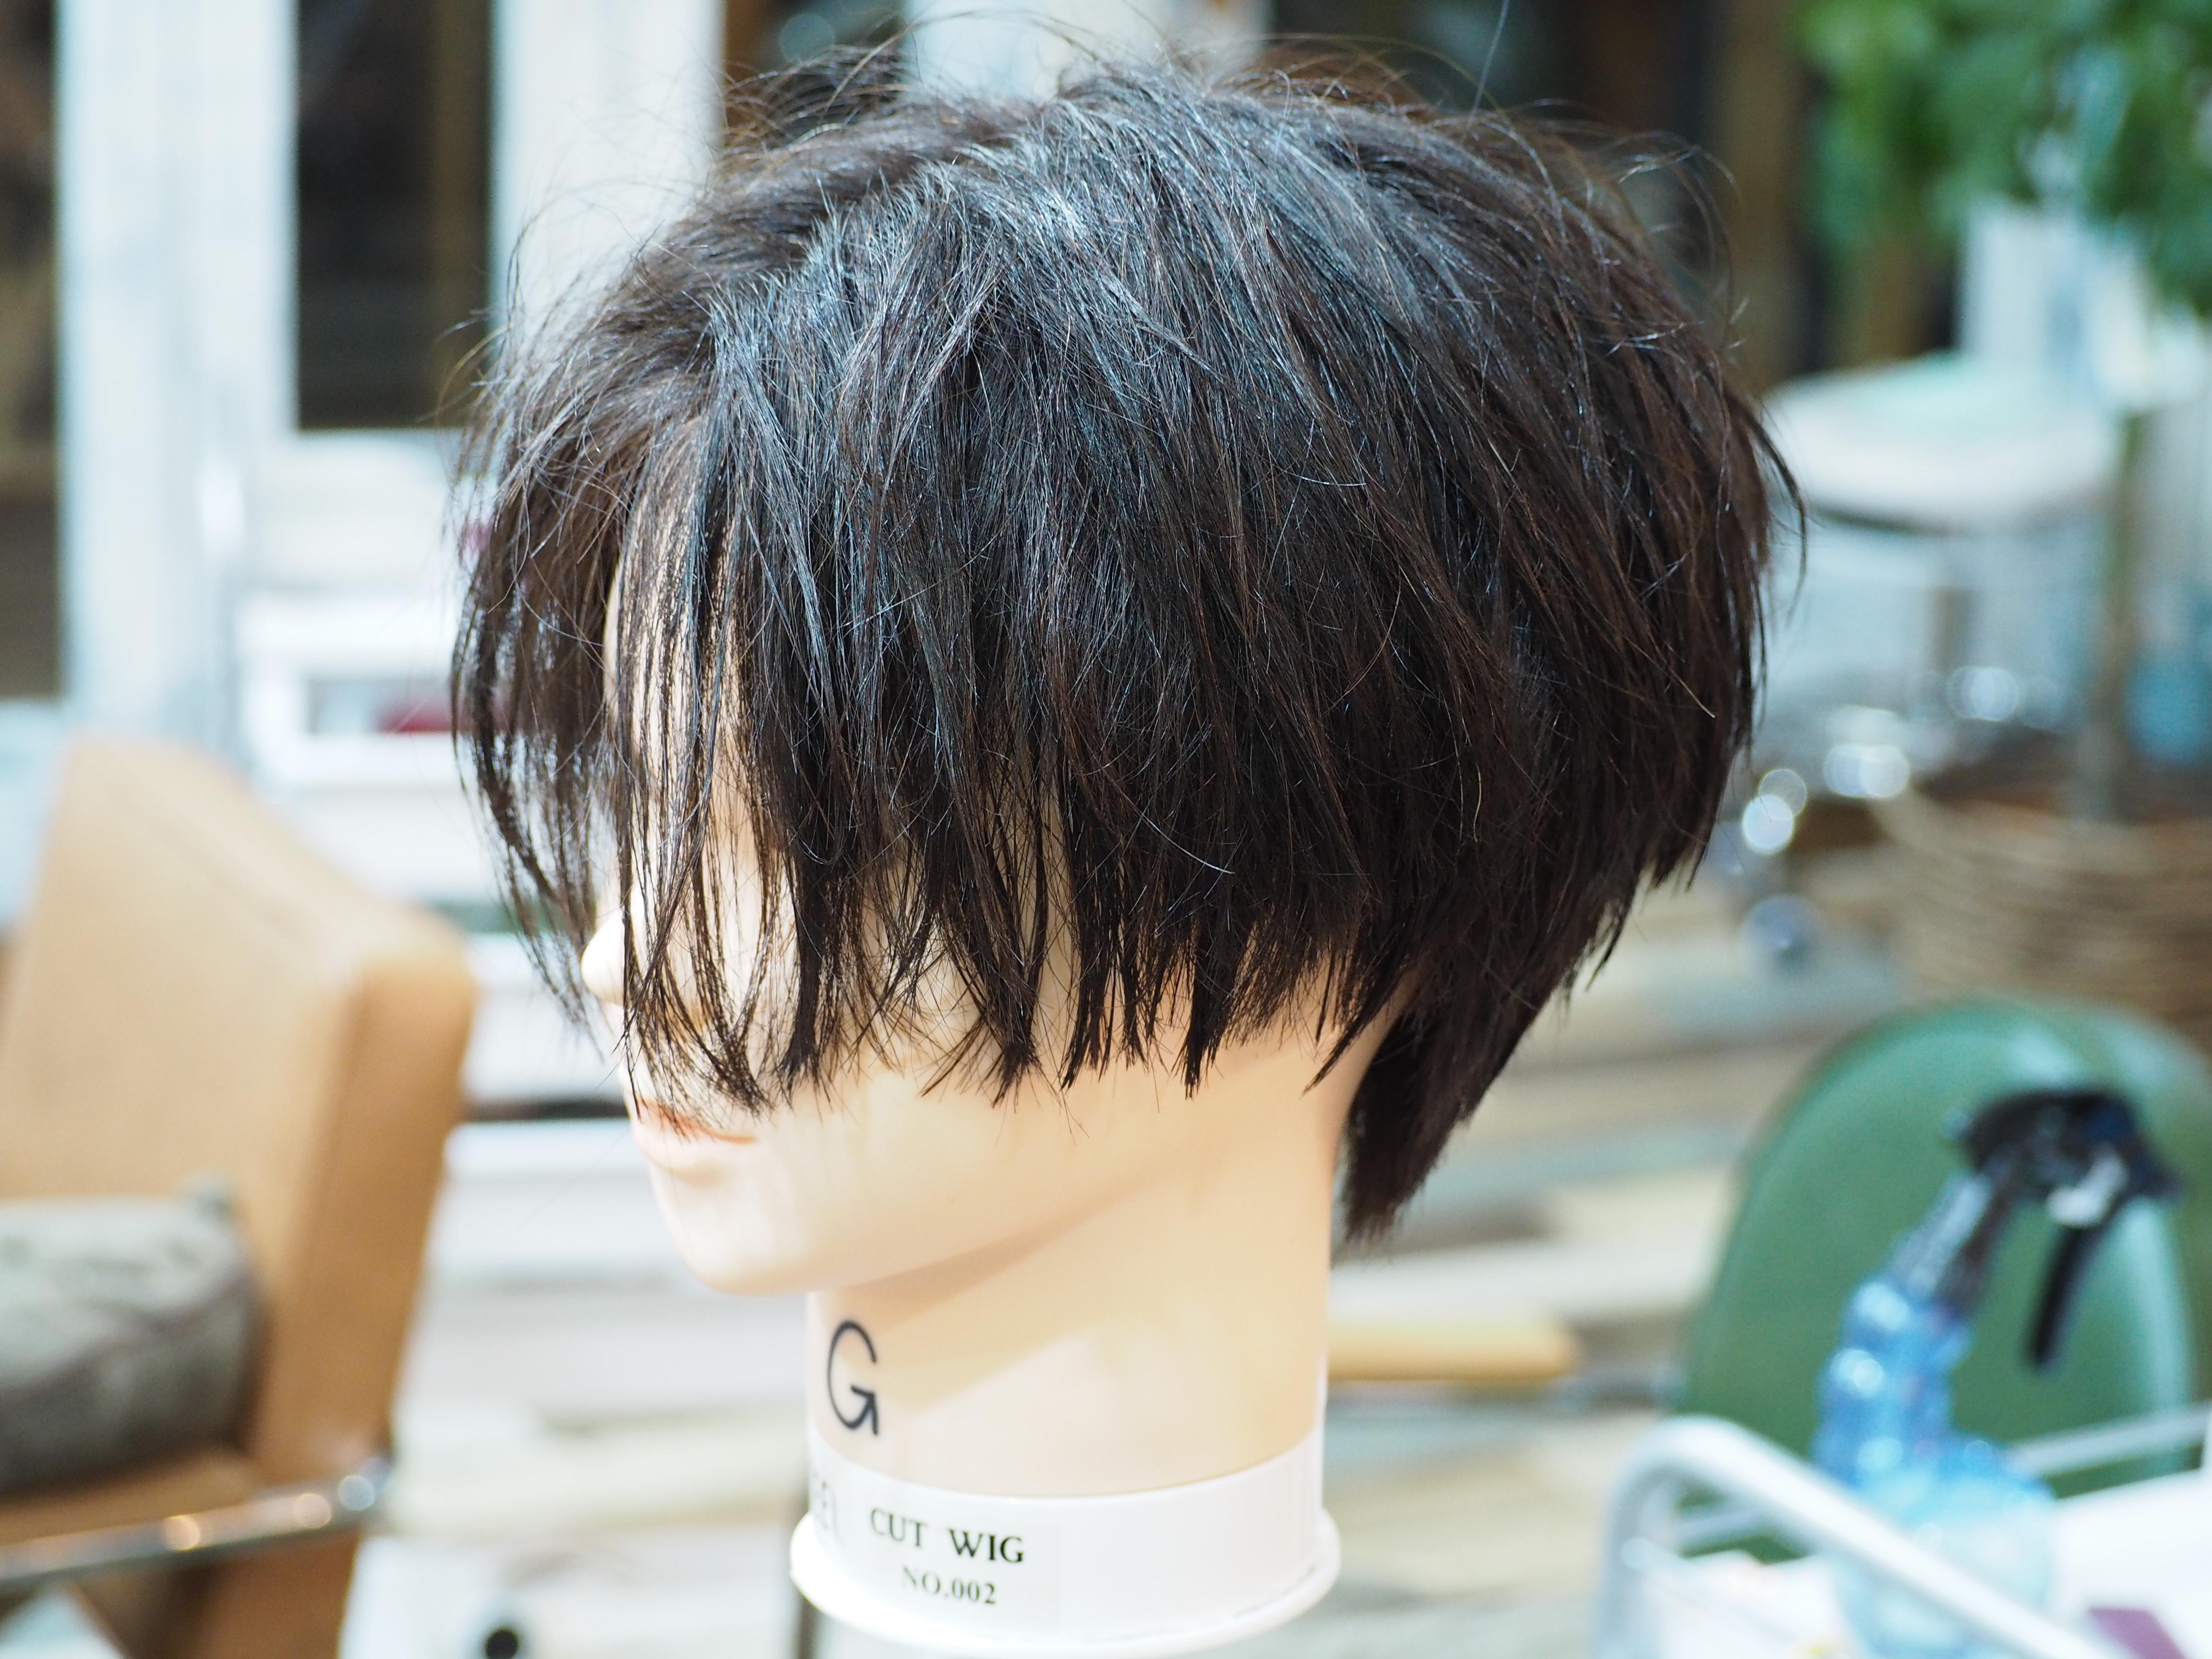 スタイル考察/hiroba.のこだわり